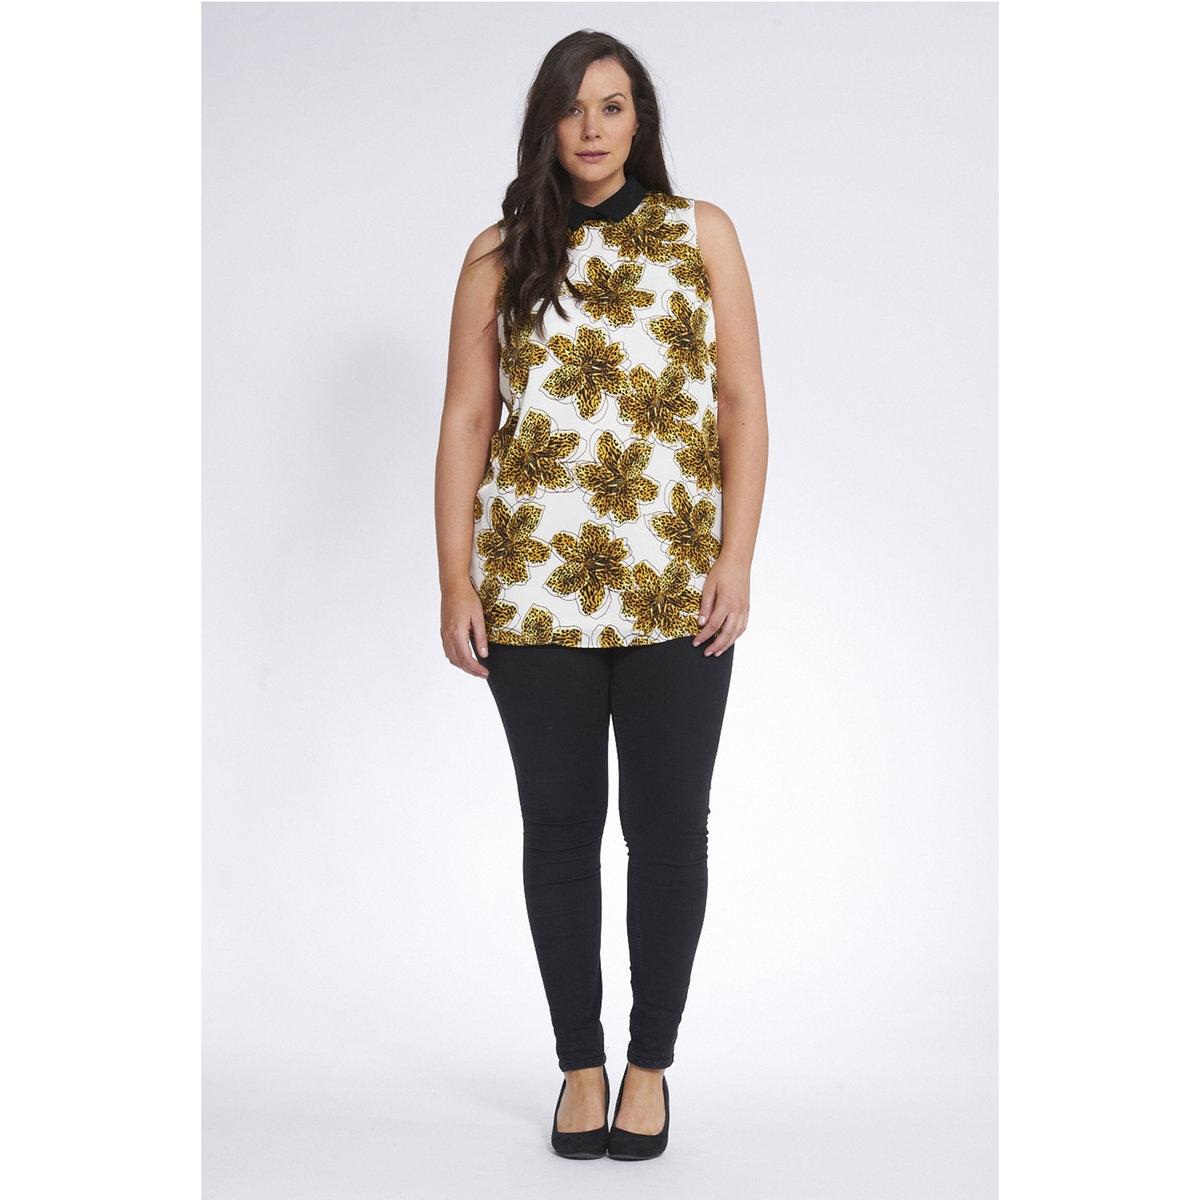 БлузкаБлузка с рисунком KOKO BY KOKO, без рукавов. 100% полиэстера<br><br>Цвет: экрю/рисунок<br>Размер: 54/56 (FR) - 60/62 (RUS)